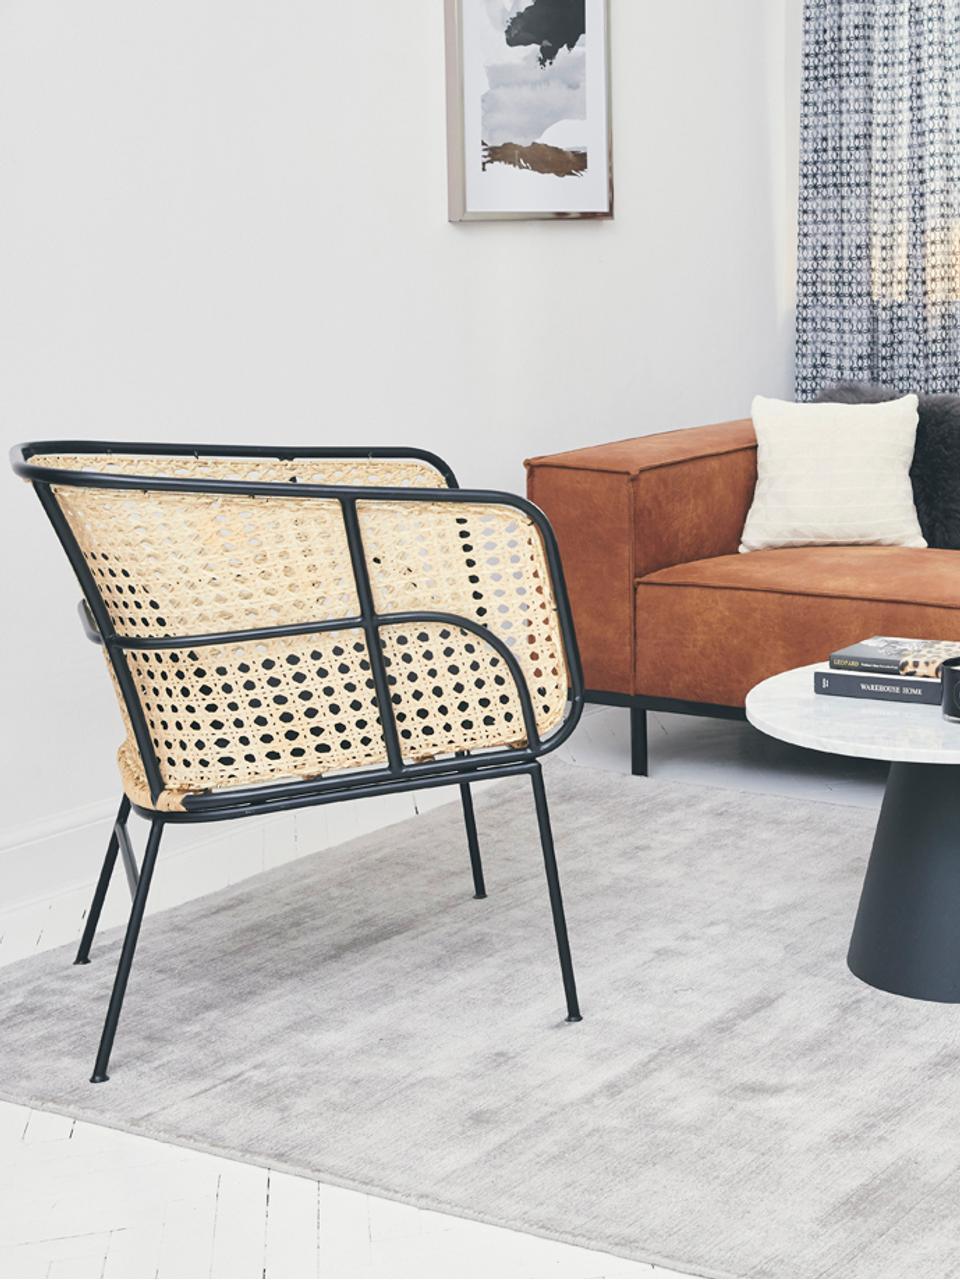 Loungestuhl Merete mit Wiener Geflecht, Sitzfläche: Rattan, Gestell: Metall, pulverbeschichtet, Sitzfläche: RattanGestell: Schwarz, mattKissenhüllen: Schwarz, B 72 x T 74 cm